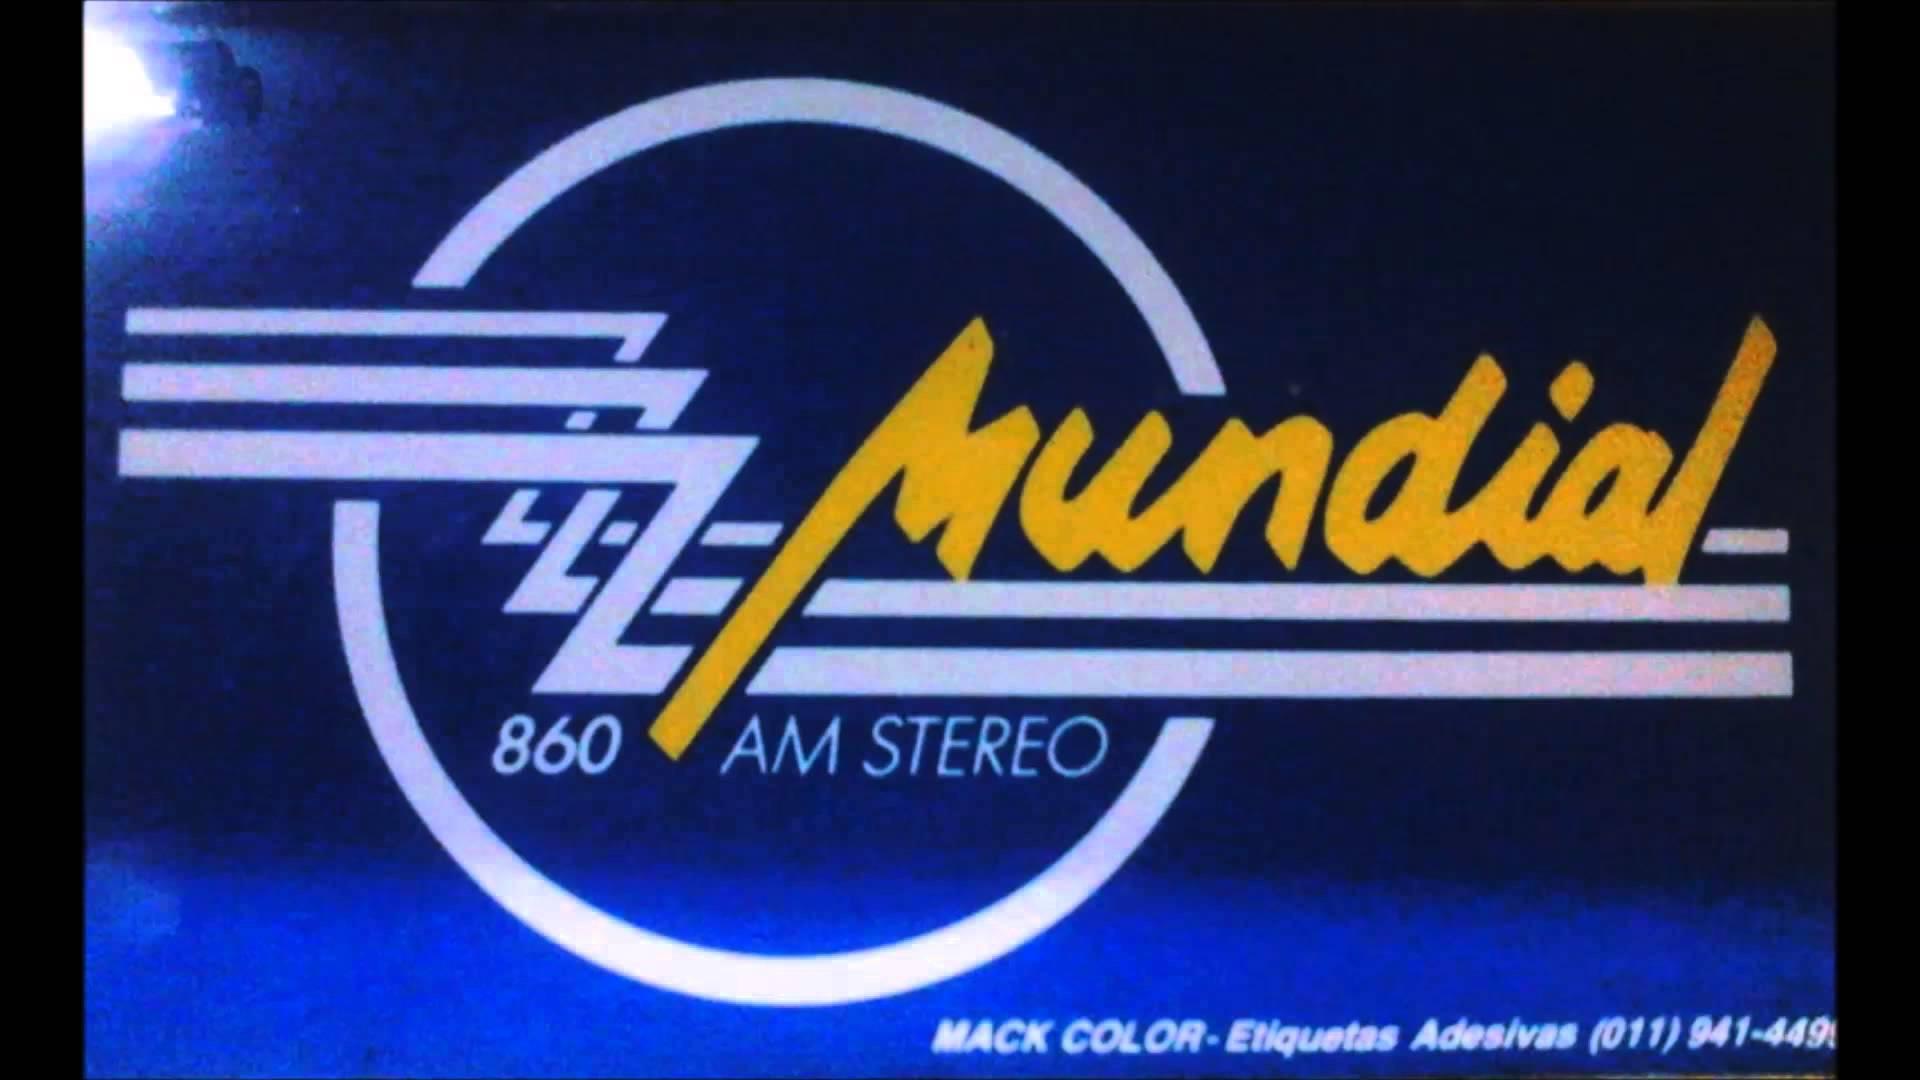 Radio Mundial AM 860 kHz Logo photo - 1